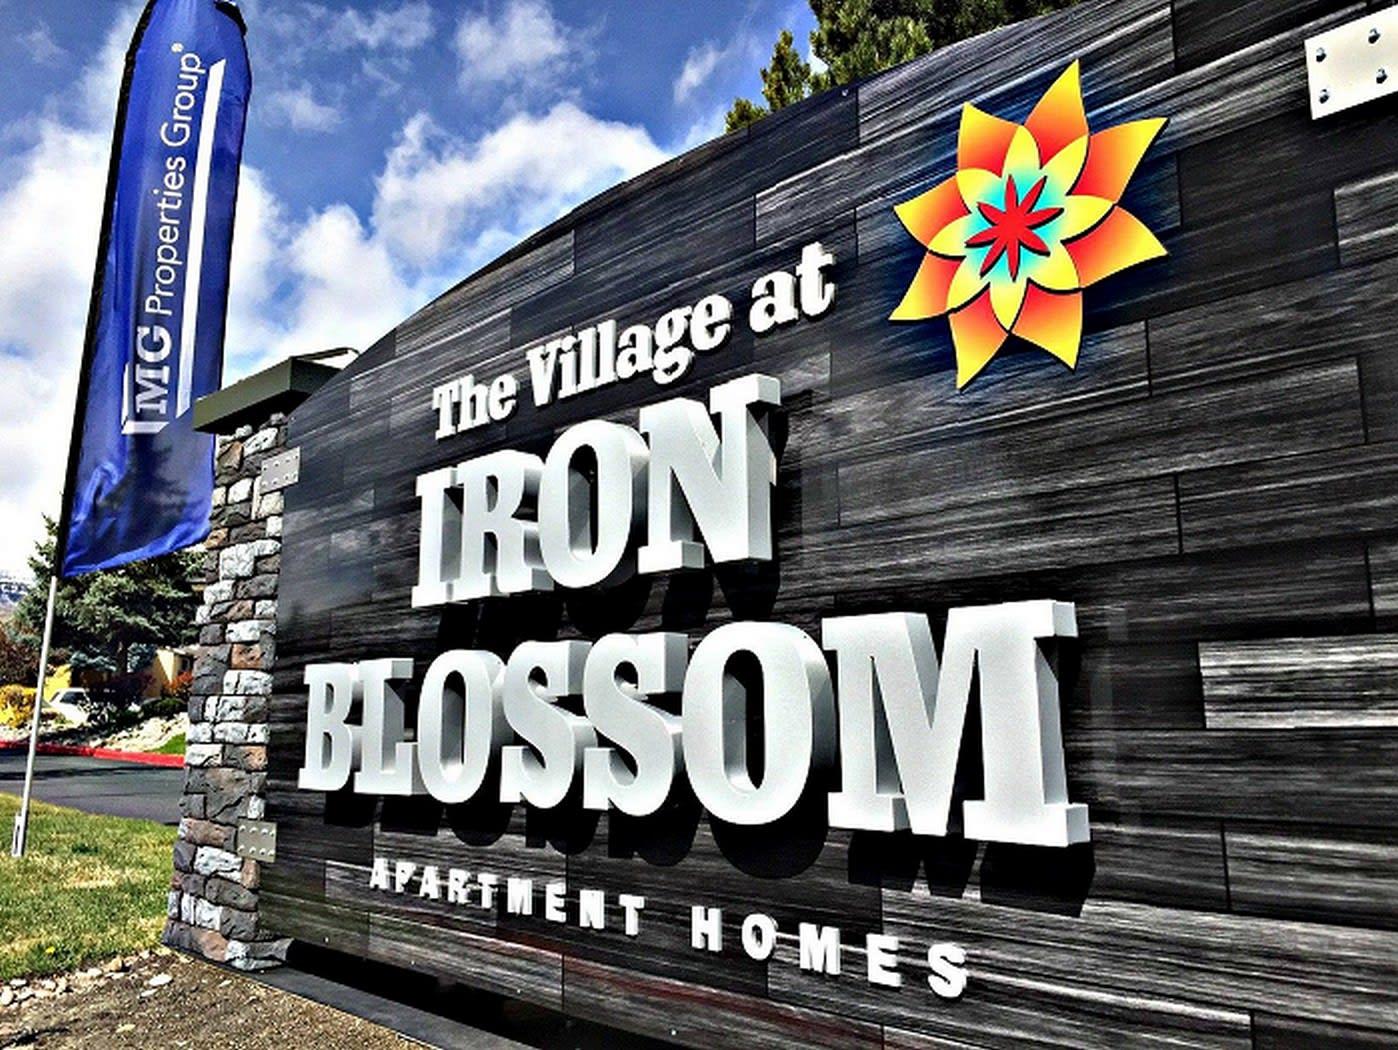 Village at Iron Blossom Signs at Village at Iron Blossom Apartment Homes, Reno, NV